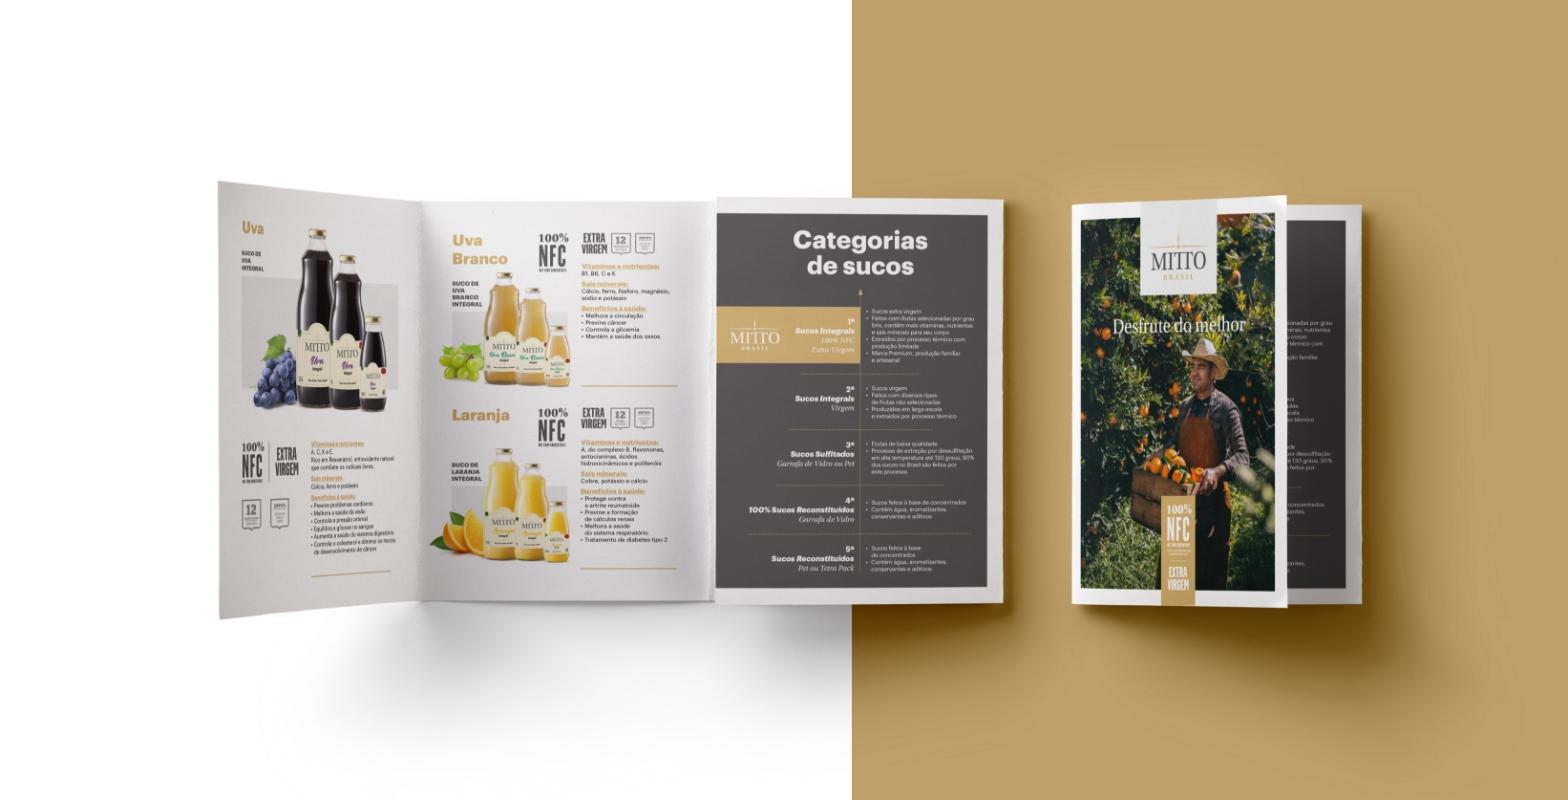 Mitto - Identidade visual e Branding (3)